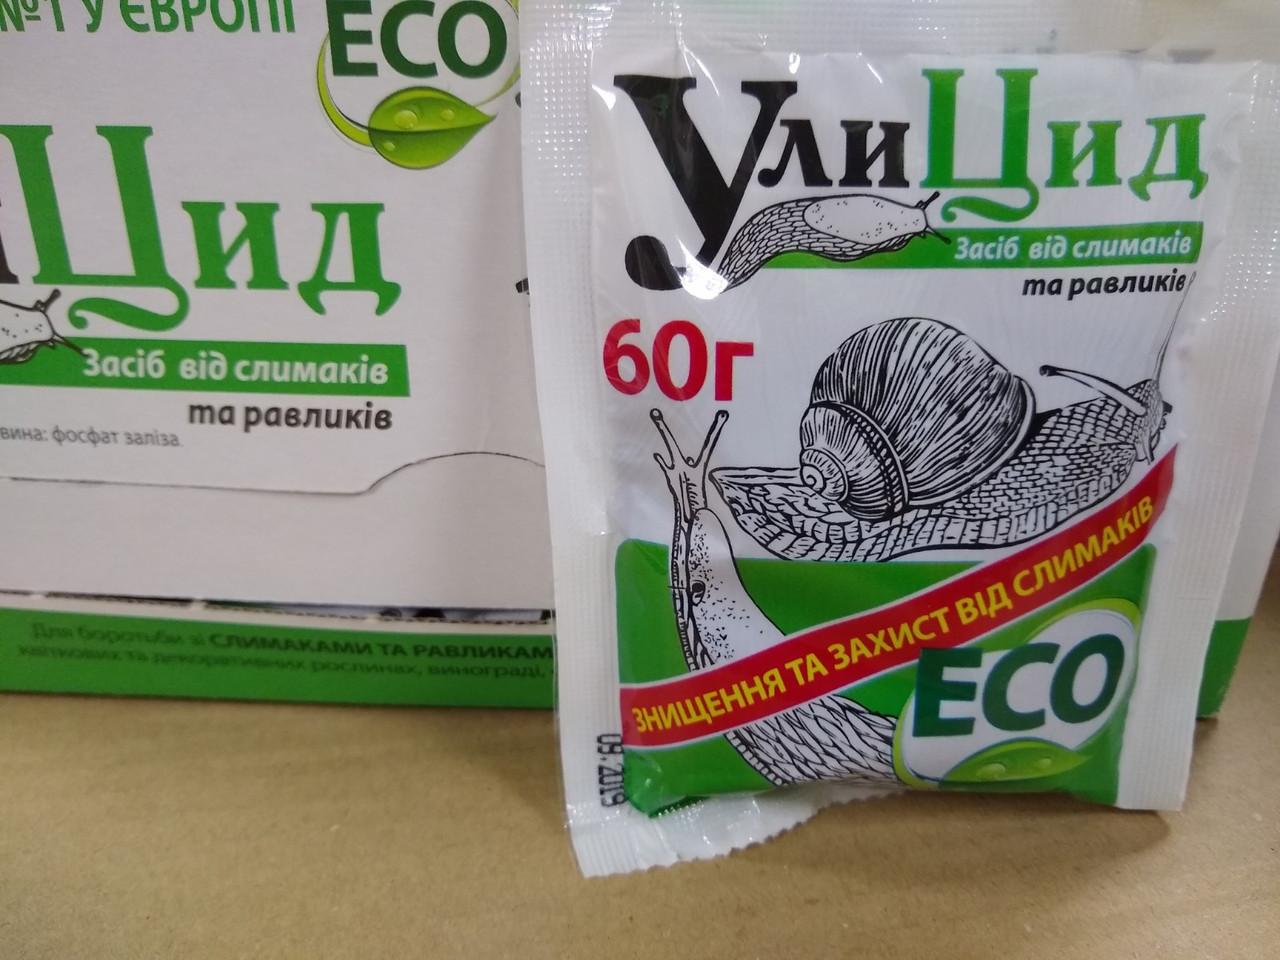 Молюскоцид Улицид Еко фосфат заліза, 60 грам, Україна